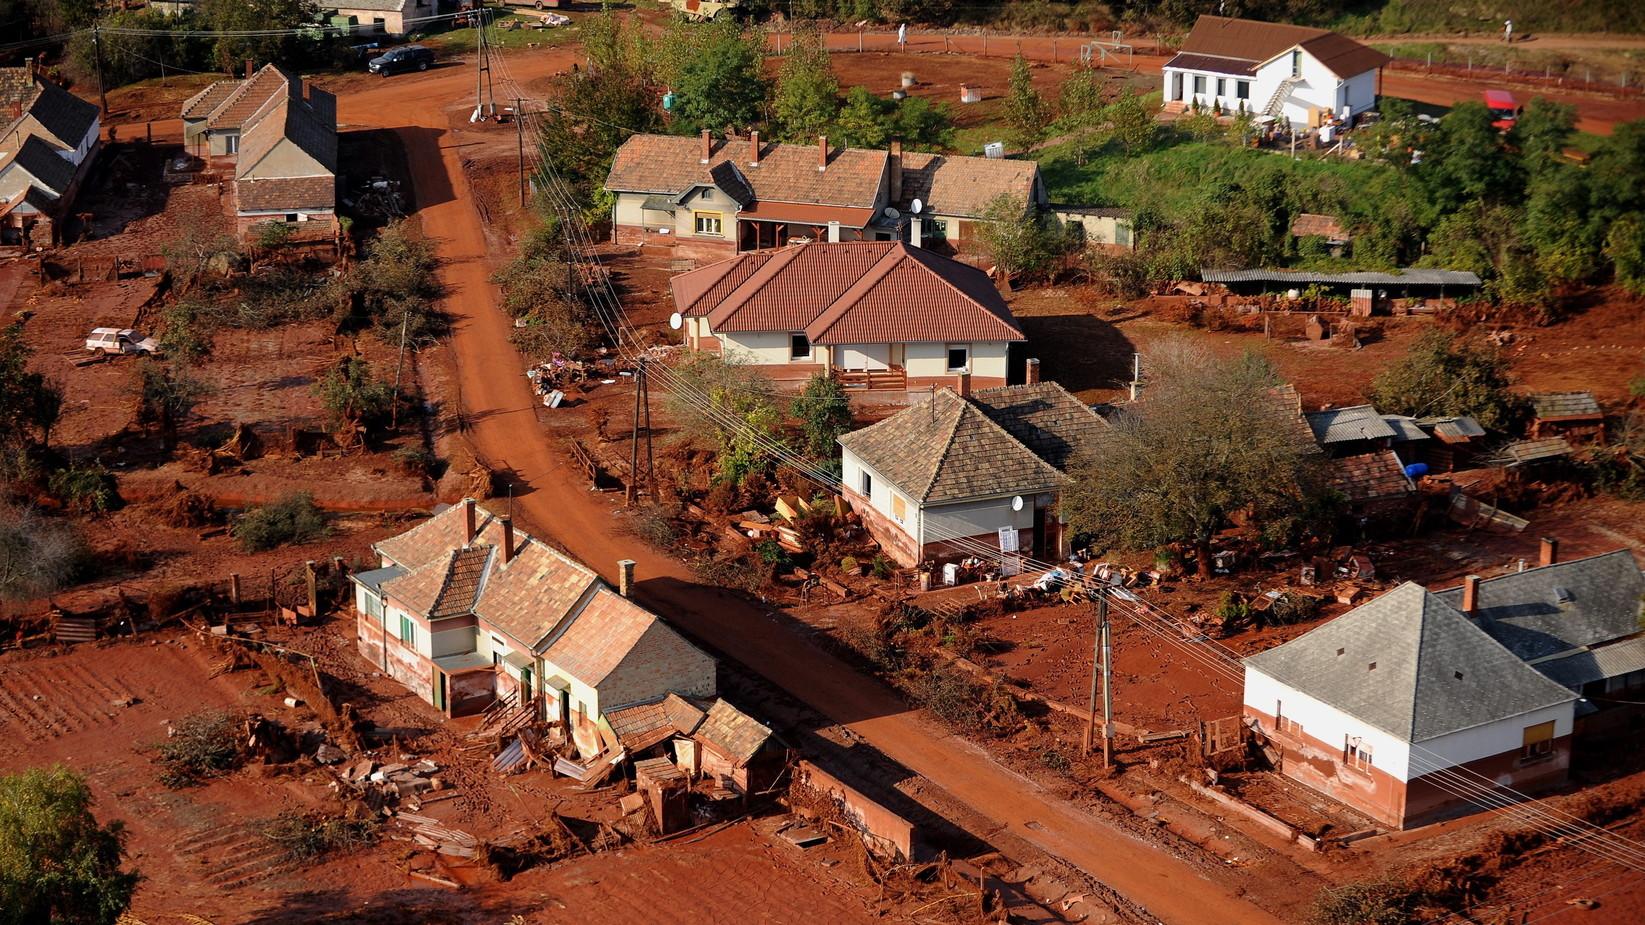 Kolontár, 2010. október 12. Kolontár a vörösiszap fogságában. A Magyar Alumínium Termelő és Kereskedelmi Zrt. (MAL Zrt.) Ajka melletti tározójának átszakadt gátjánál 2010 október 4-én mintegy egymillió köbméternyi vörösiszap ömlött ki a gátszakadás miatt. A katasztrófa három települést - Devecser, Kolontár, Somlóvásárhely - érint, közel 40 ezer négyzetkilométeres terület lakossága és élővilága van veszélyben. MTI Fotó: H. Szabó Sándor